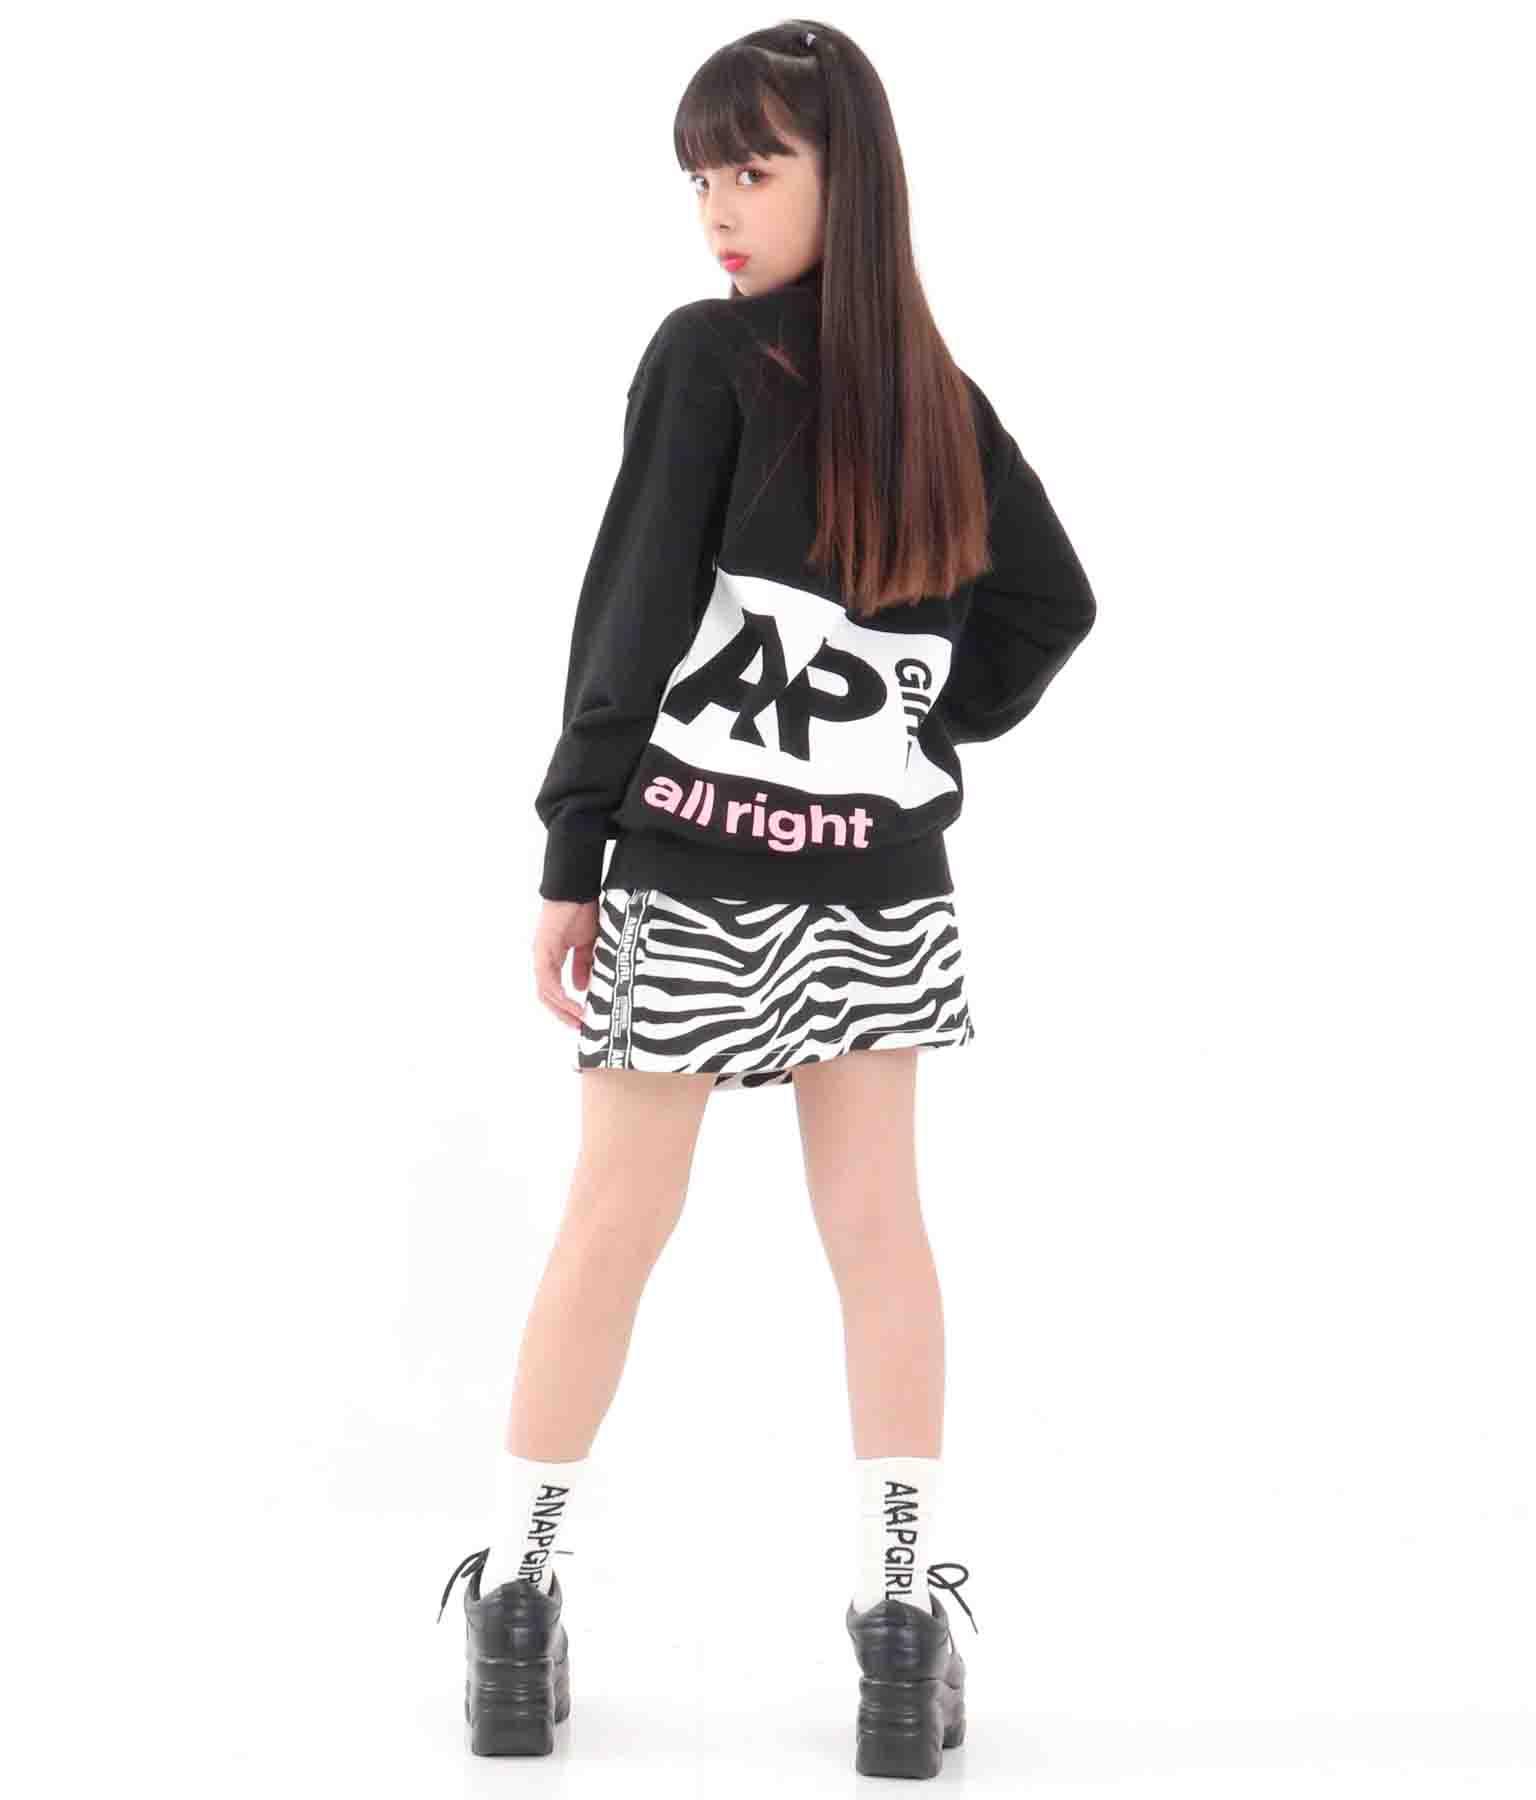 リブショート丈ソックス(ファッション雑貨/ソックス・靴下)   ANAP GiRL